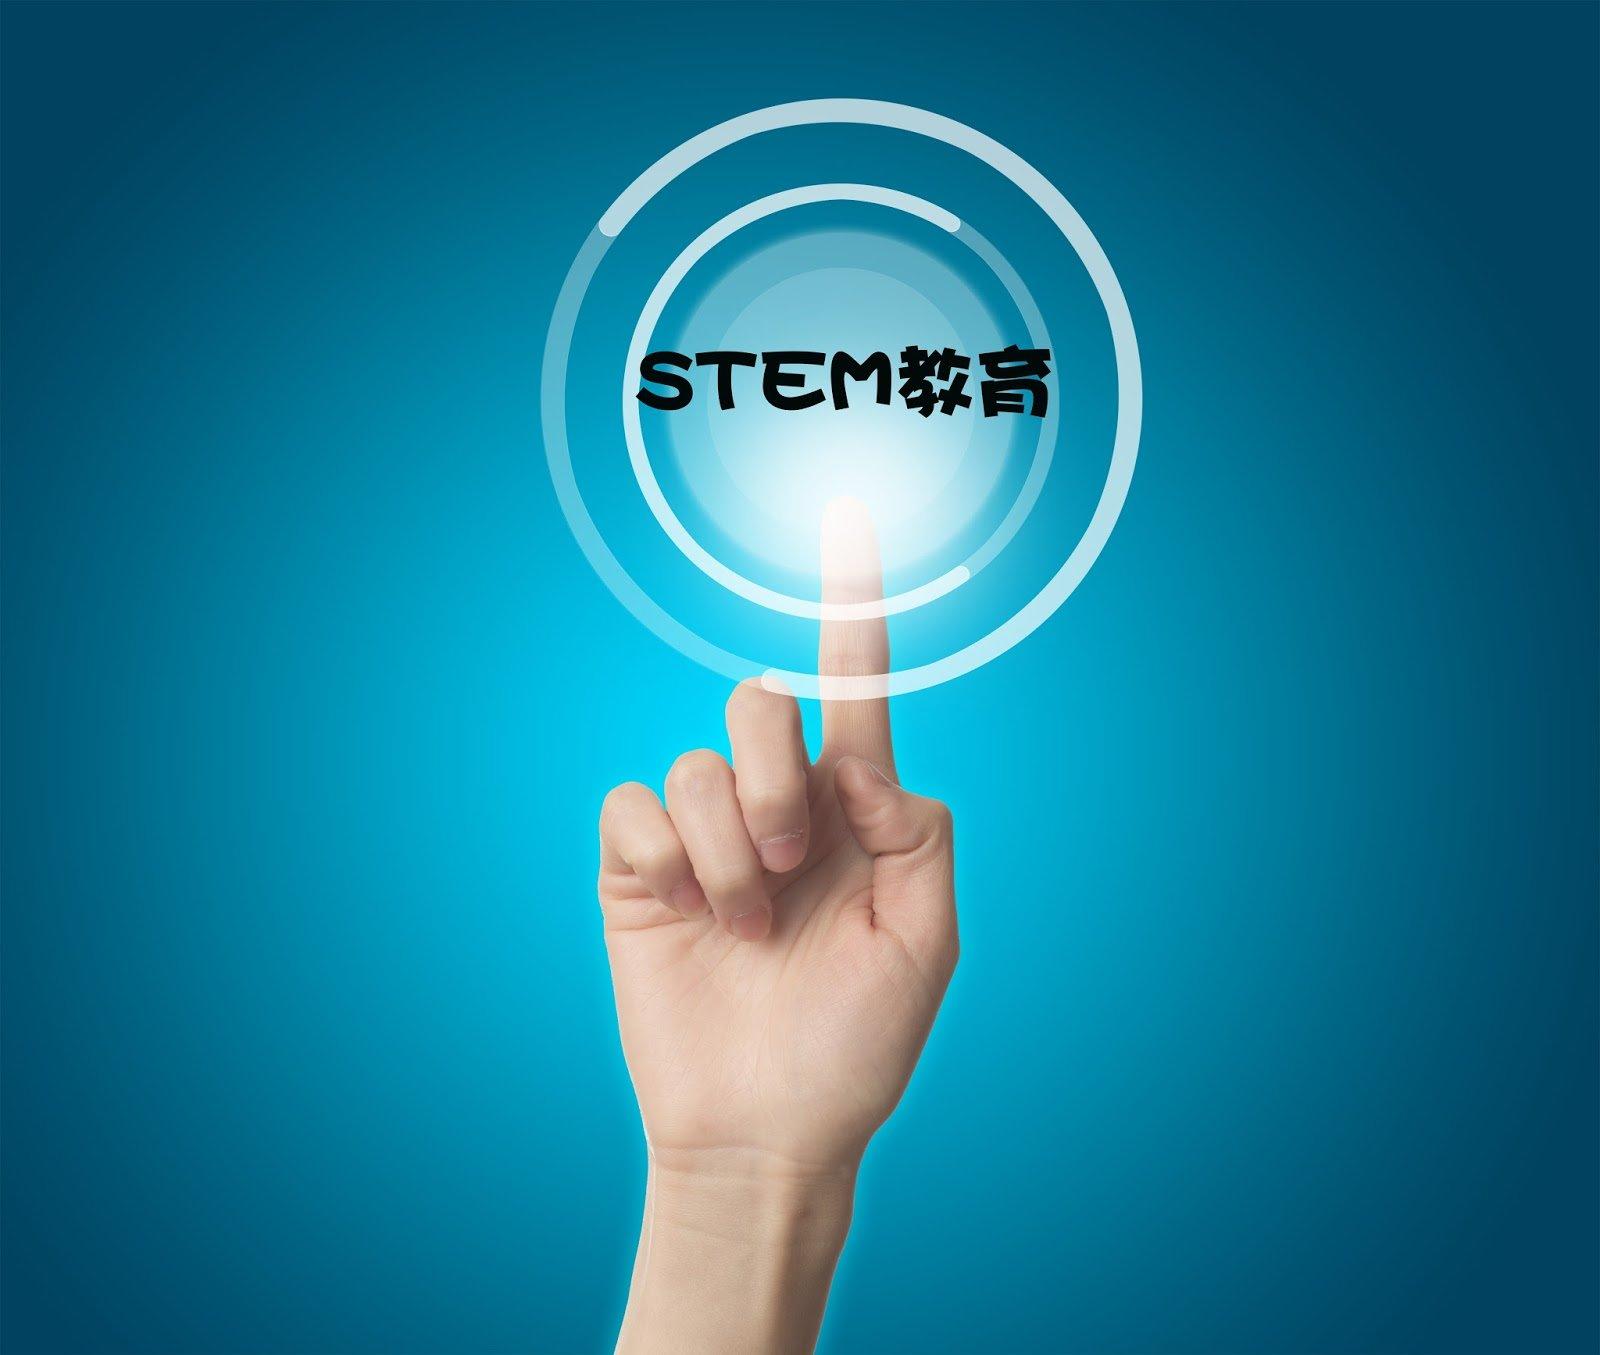 STEM教育概念初探